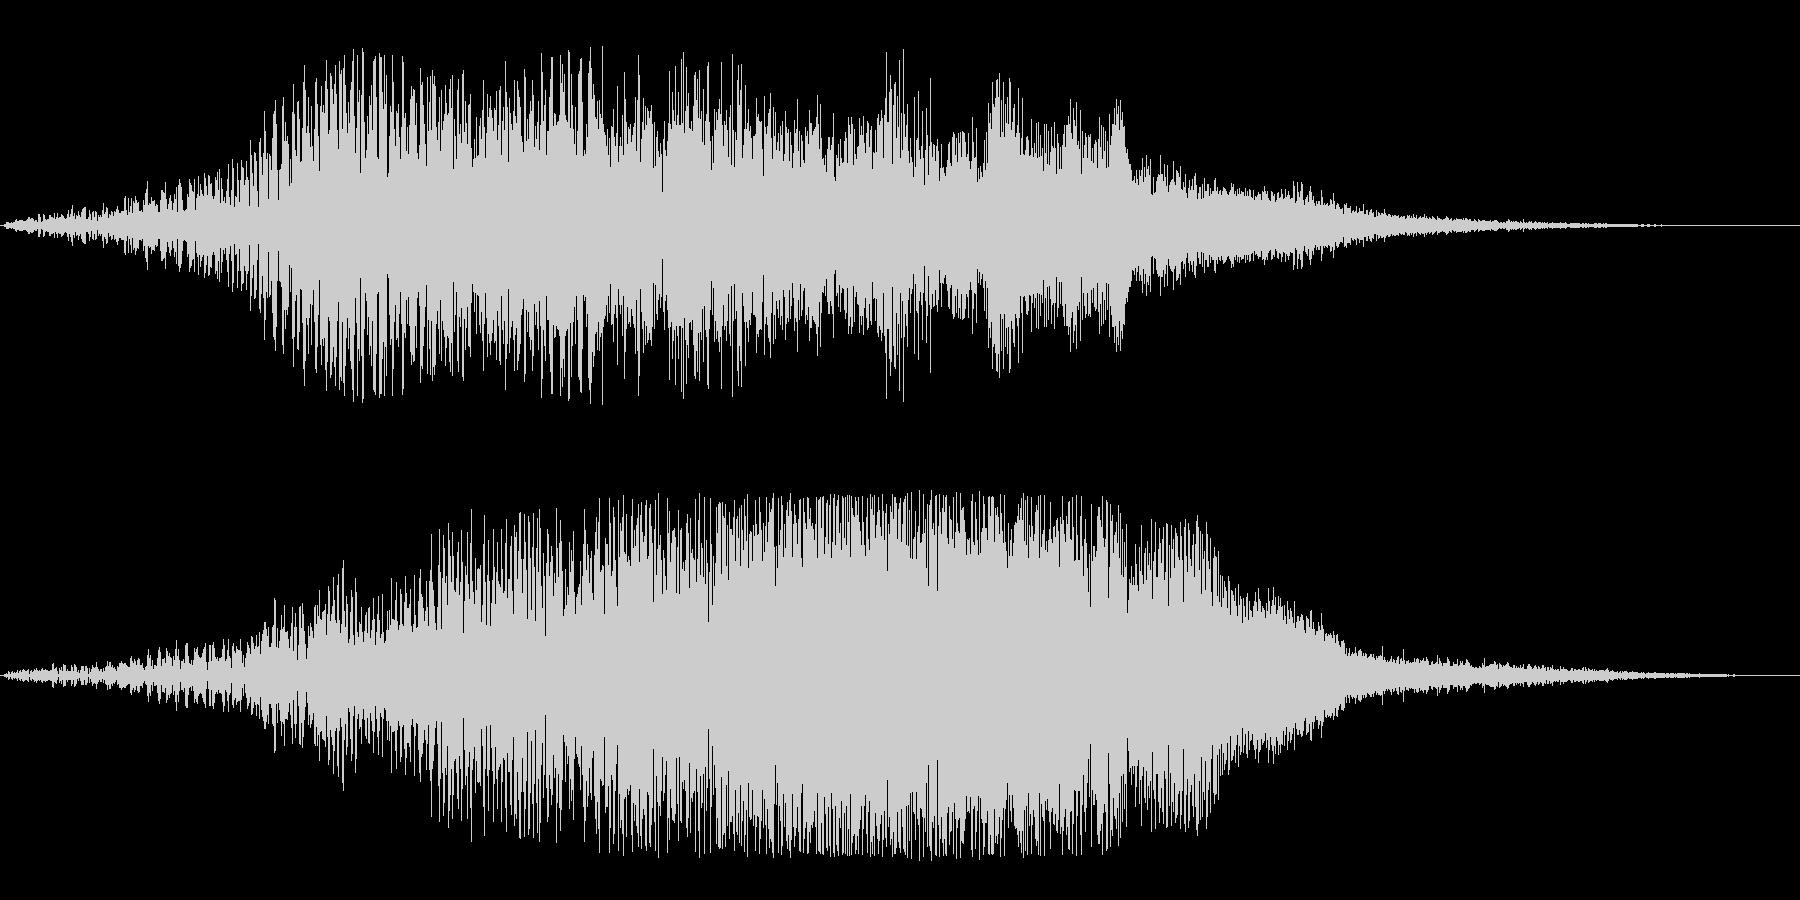 メニュー画面の音(パソコン、ゲーム)の未再生の波形